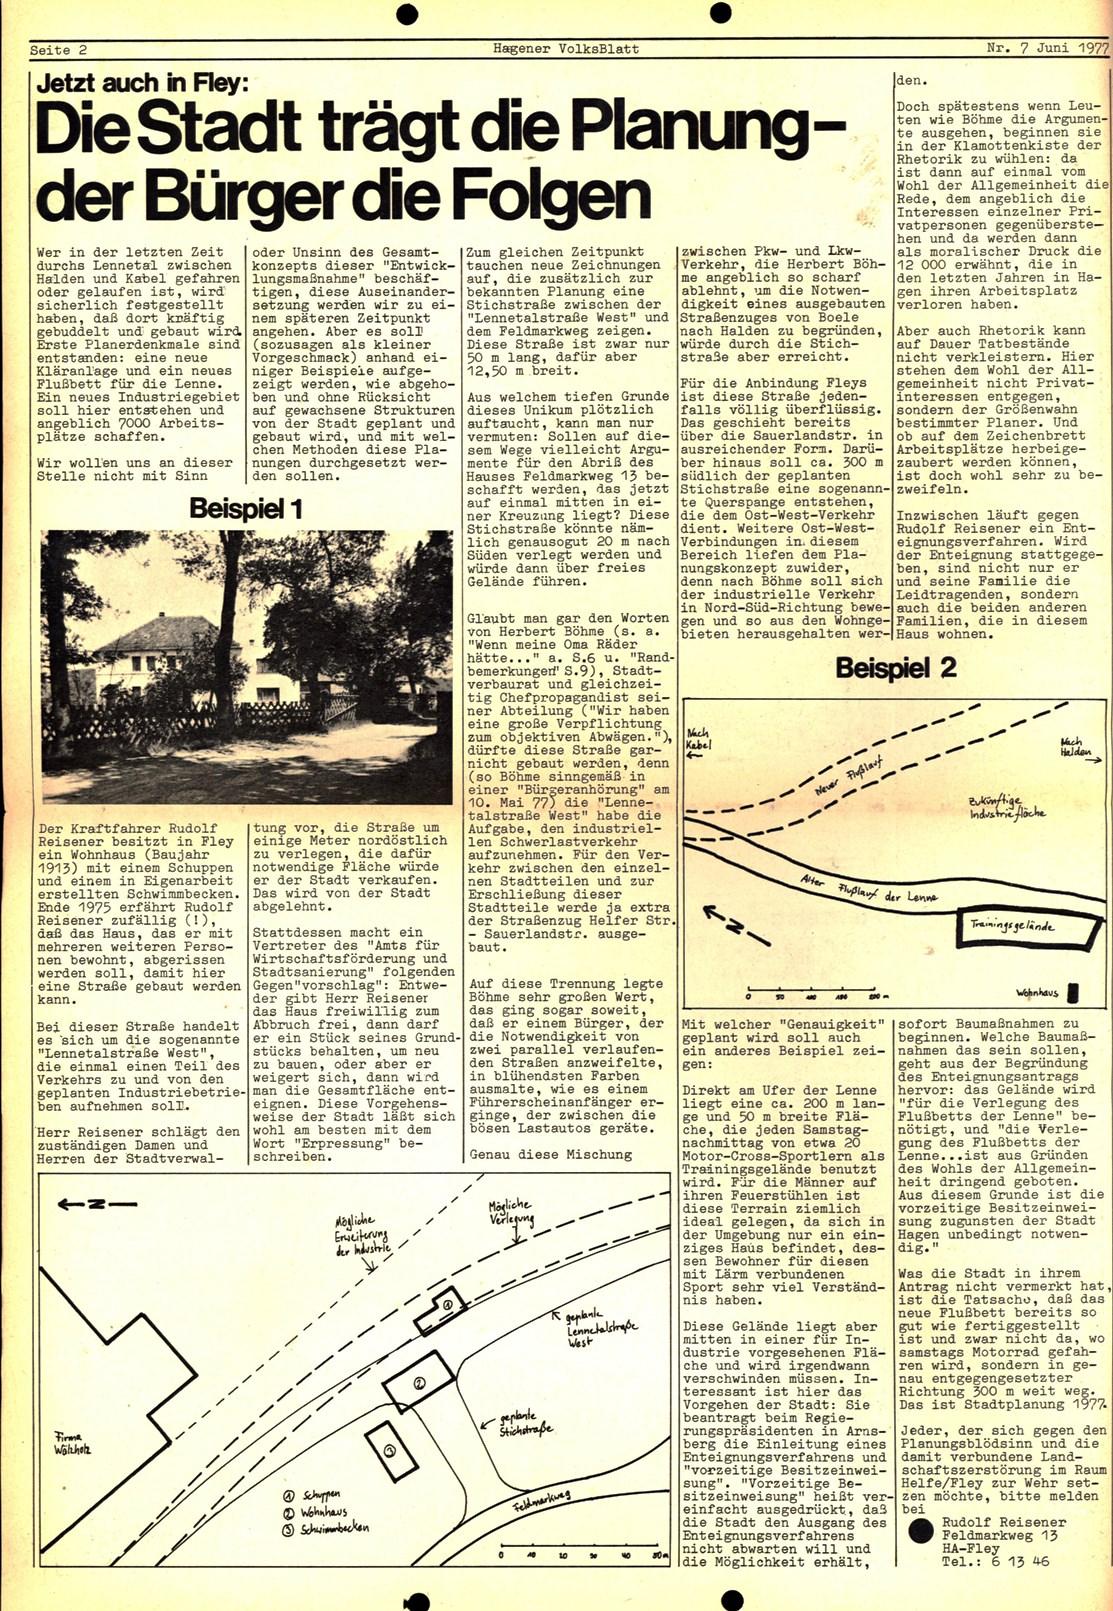 Hagen_Volksblatt_19770600_02